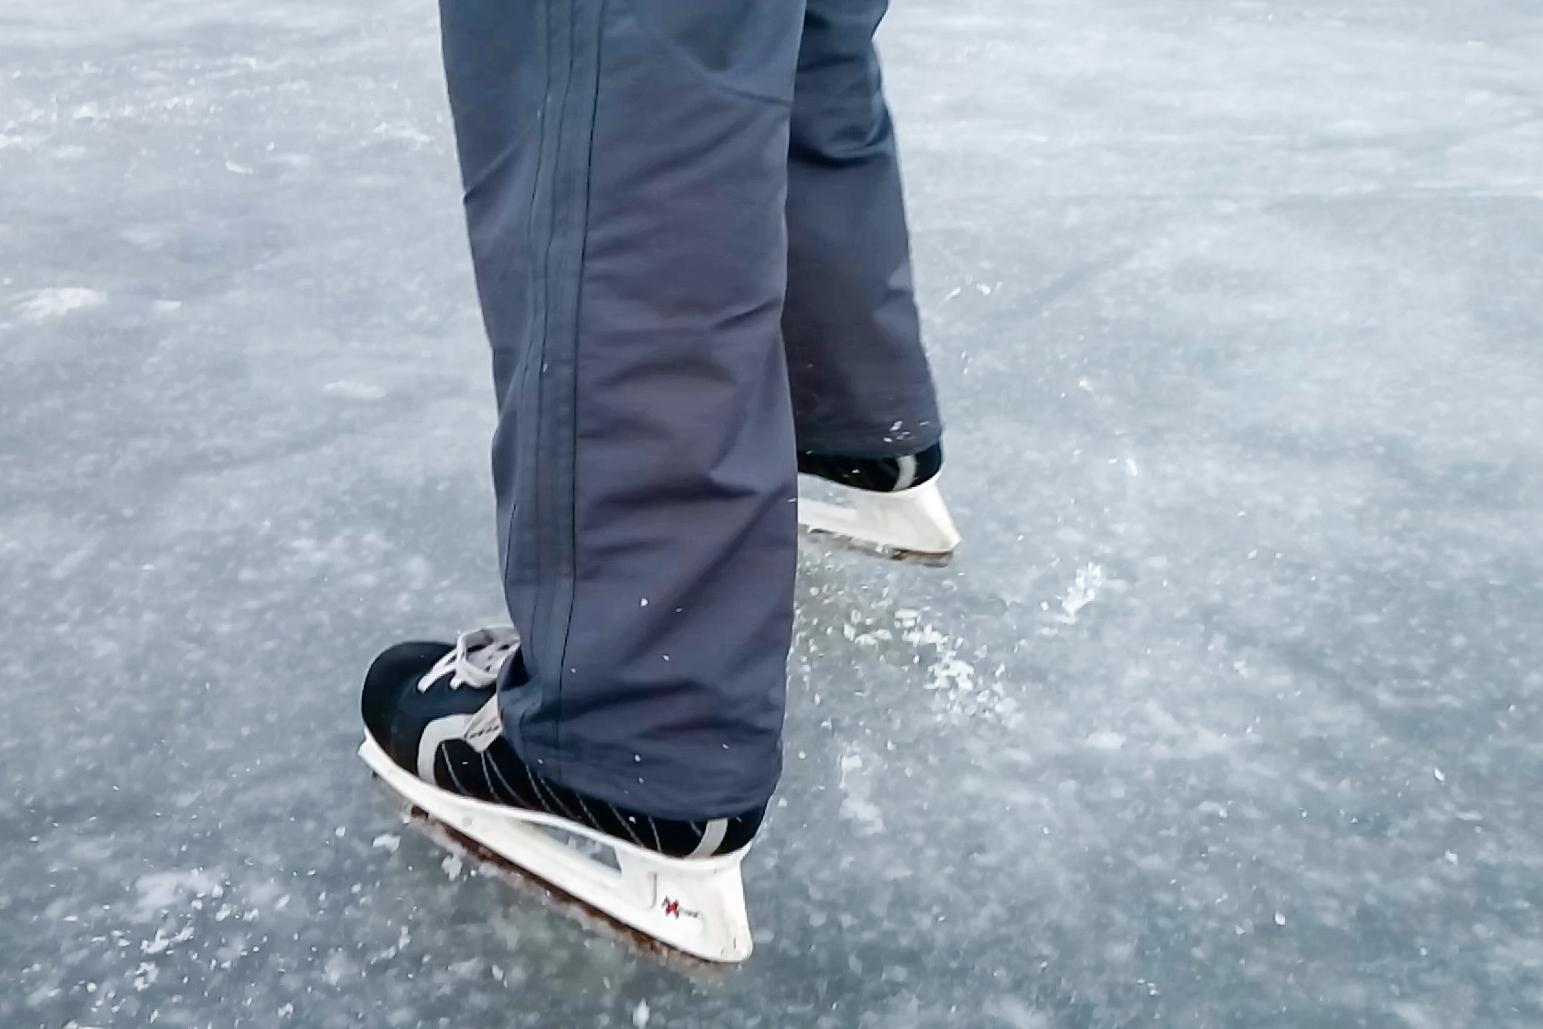 катание на коньках на льду Кататься на коньках круче, чем сидеть за компьютером